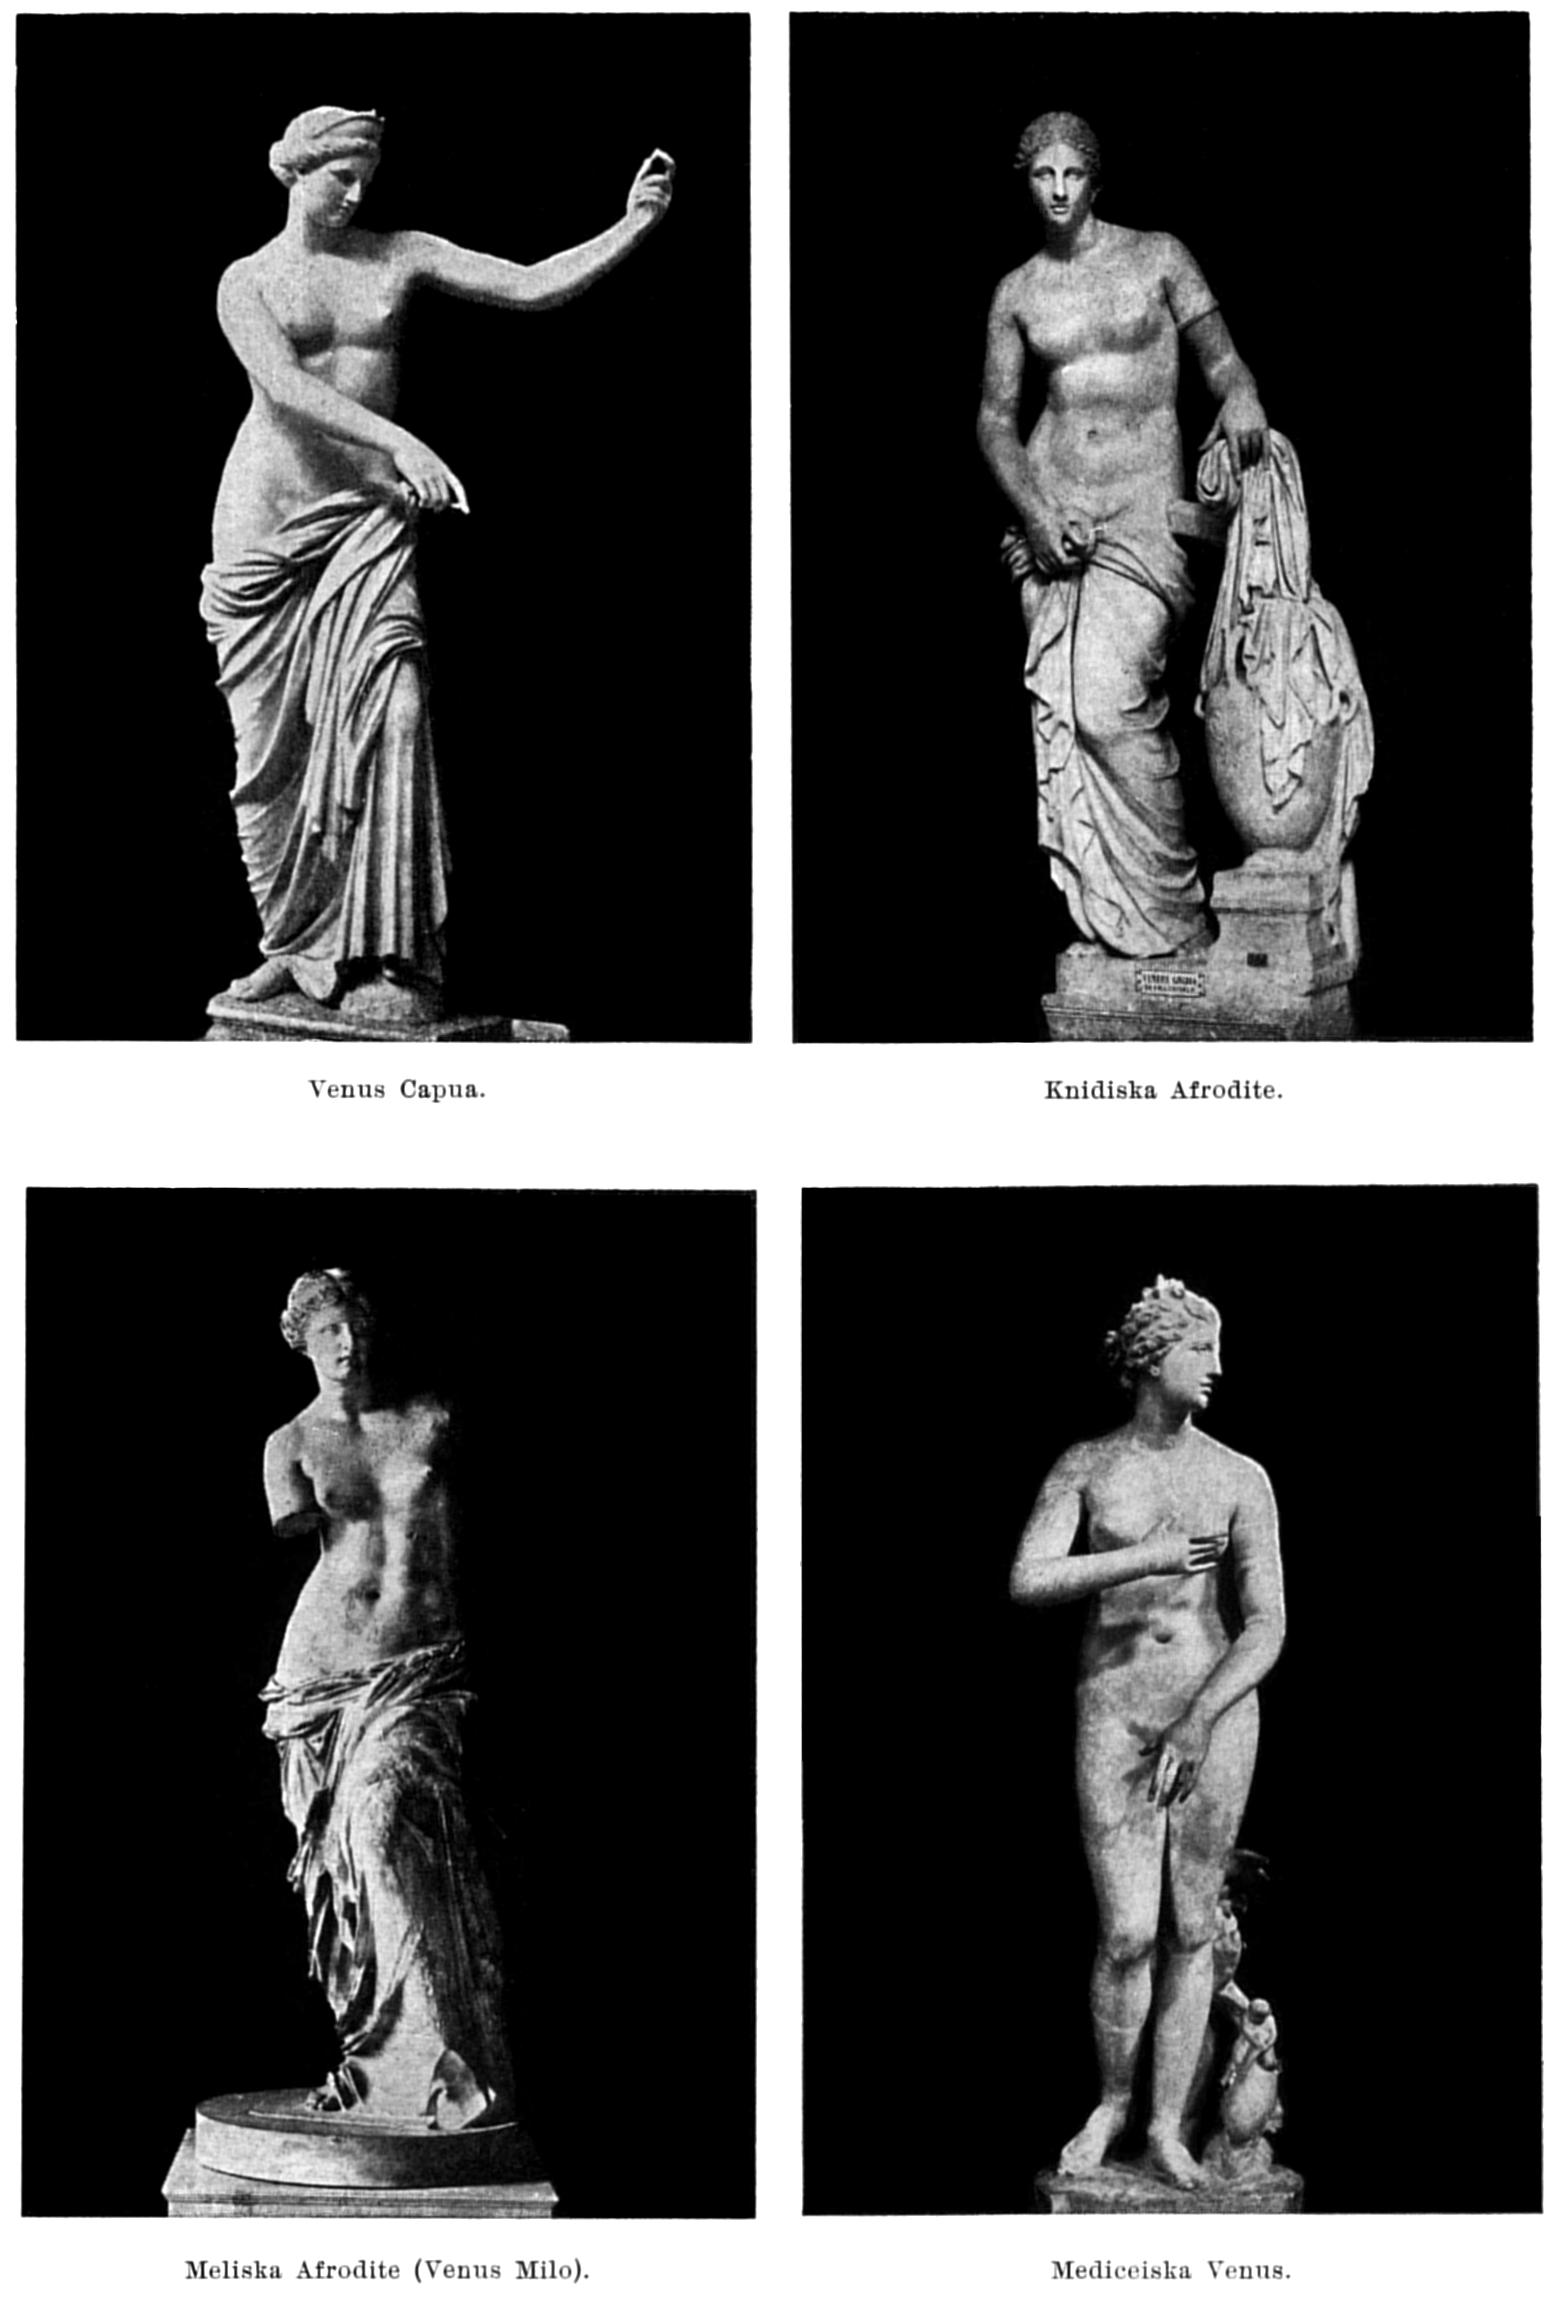 Afrodite, Nordisk familjebok.png